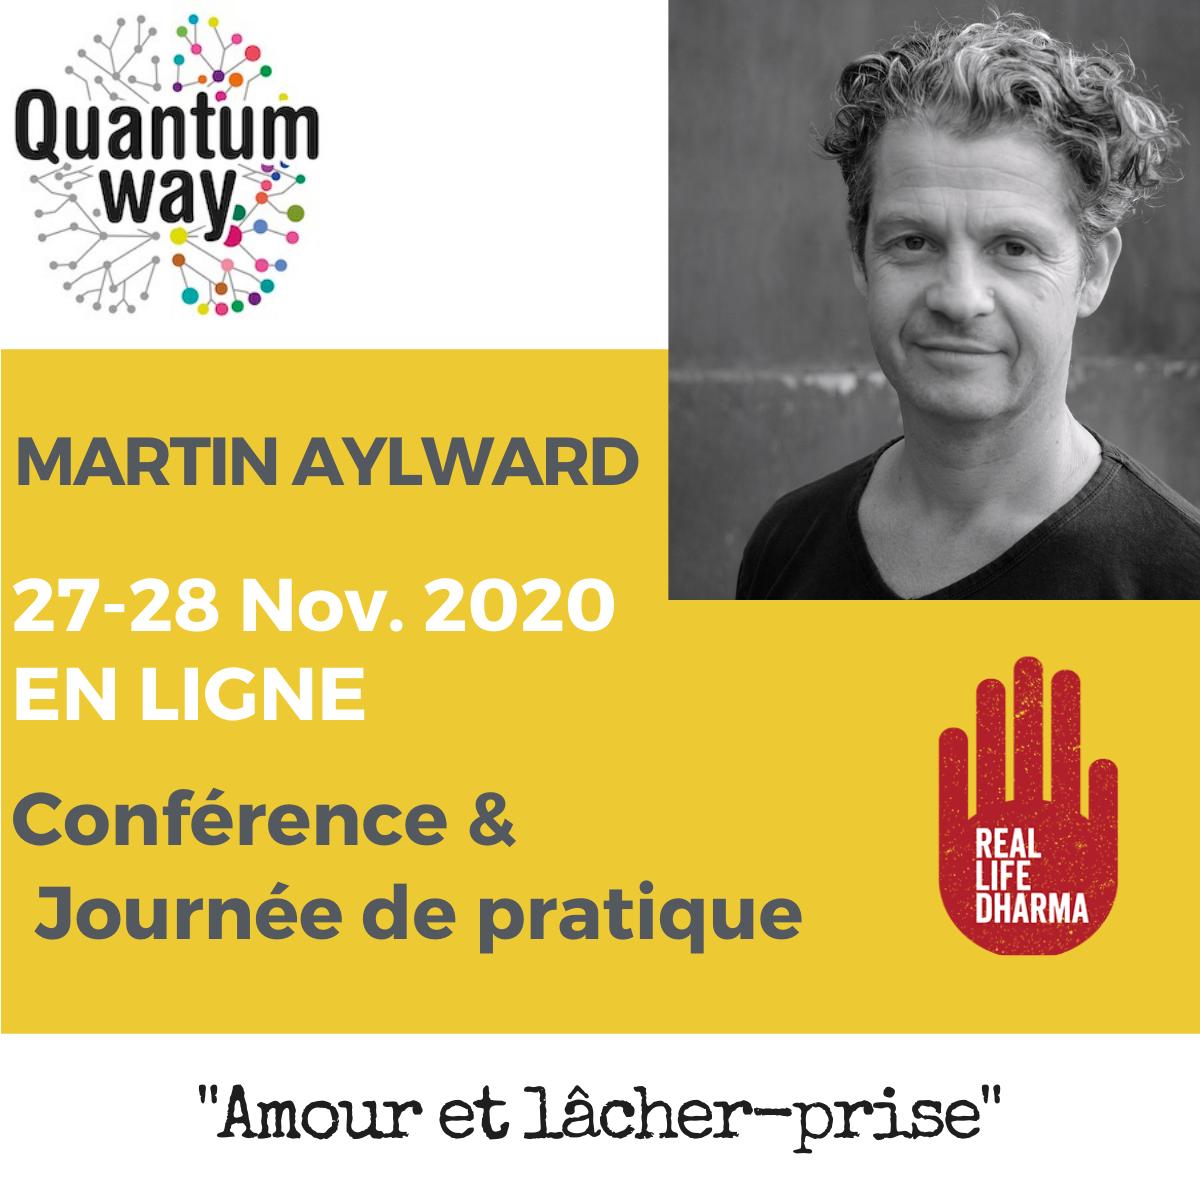 """Martin Aylward - """"Amour et lâcher prise"""" - Journée d'enseignement et de pratique"""